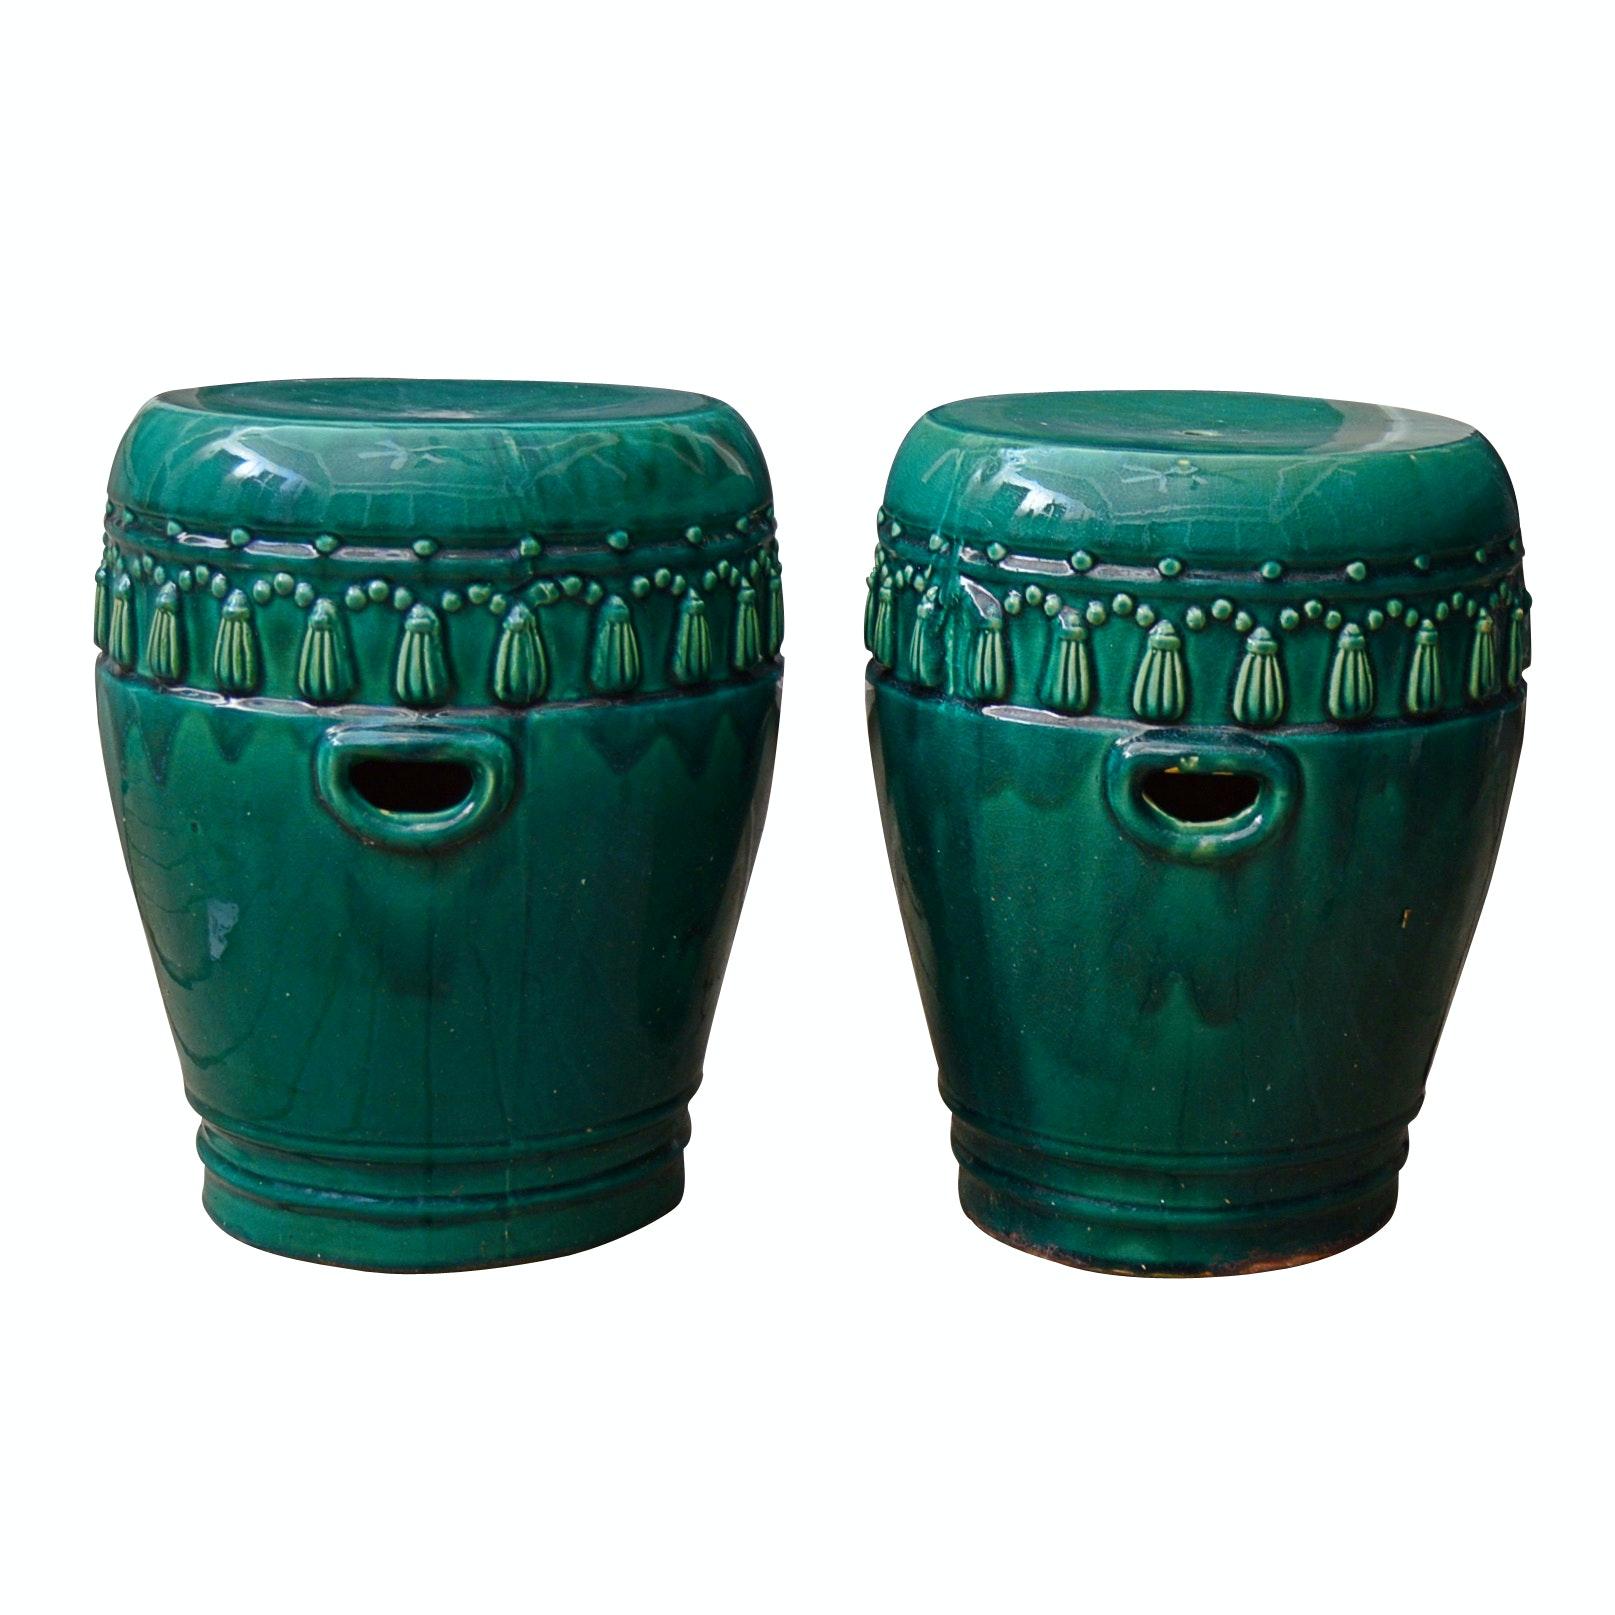 Pair of Ceramic Garden Stools